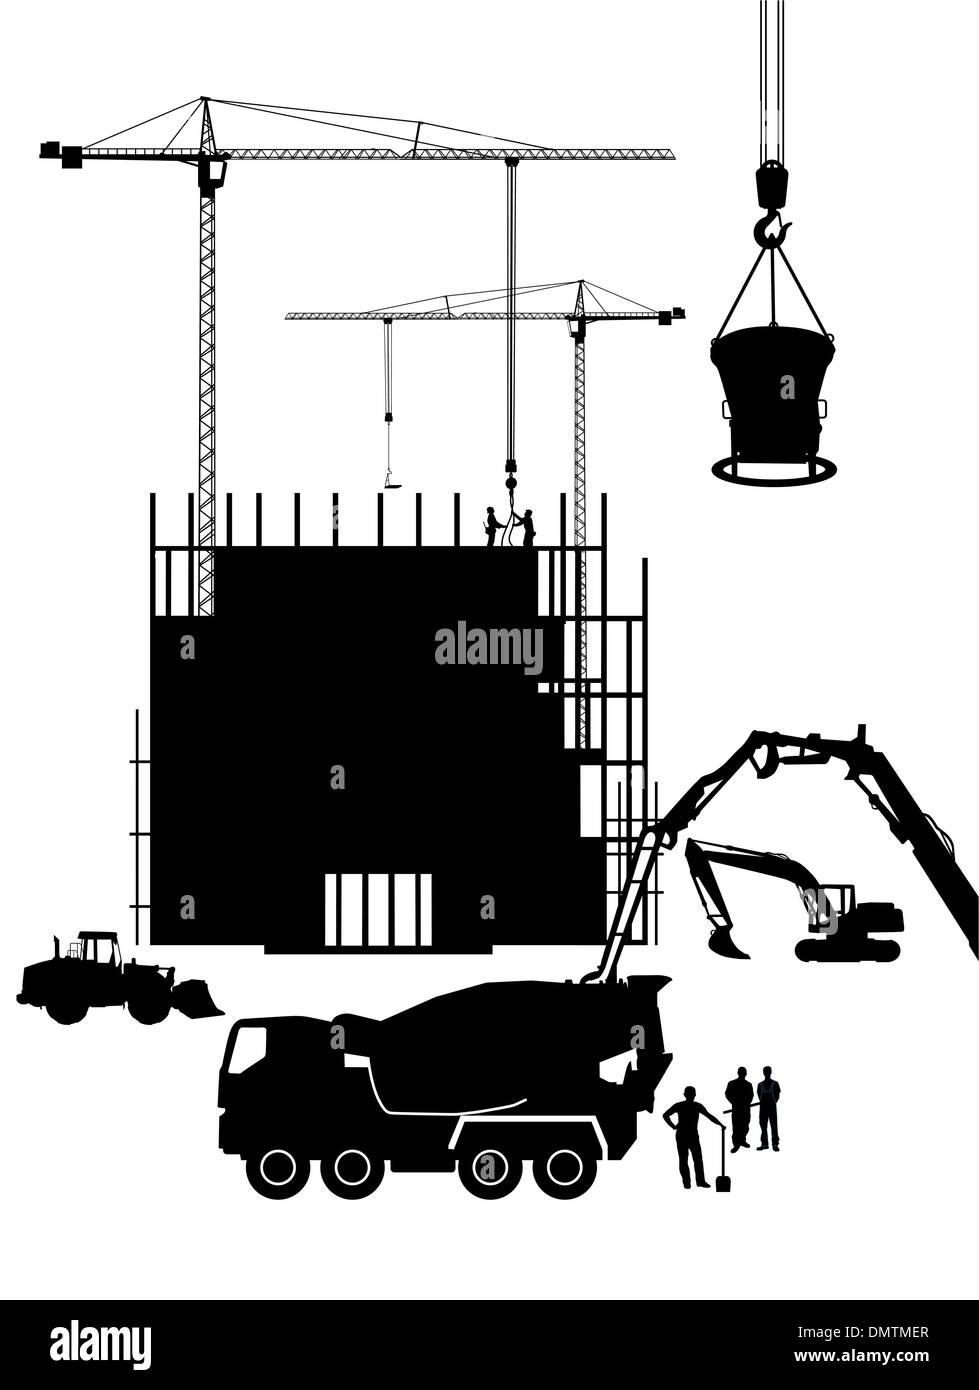 concrete construction - Stock Image